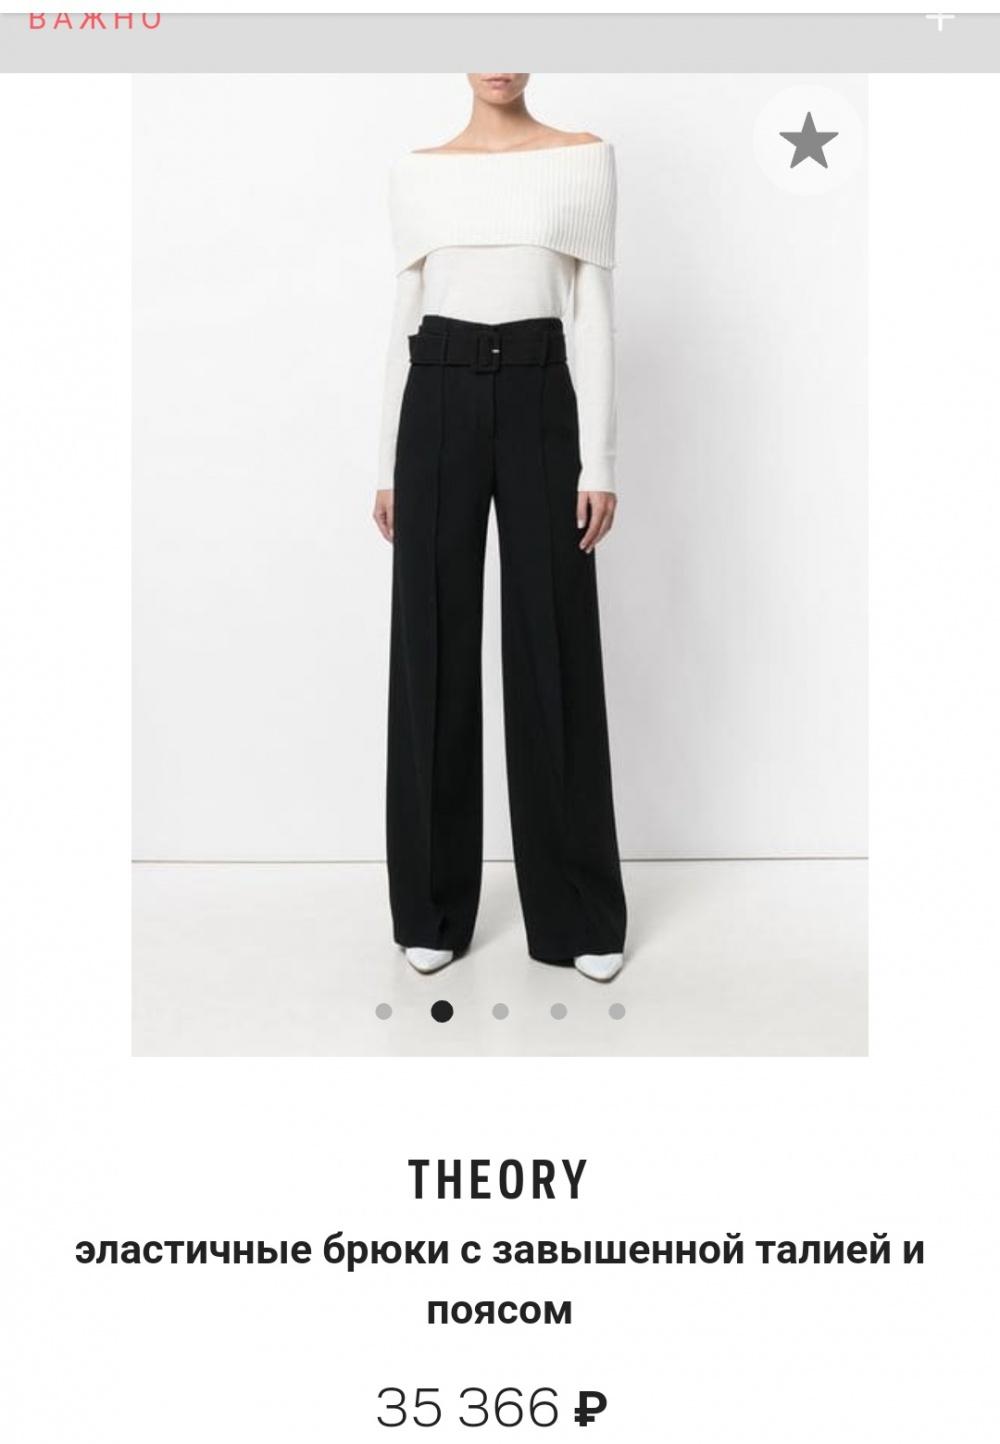 Брюки Theory, размер xs/s